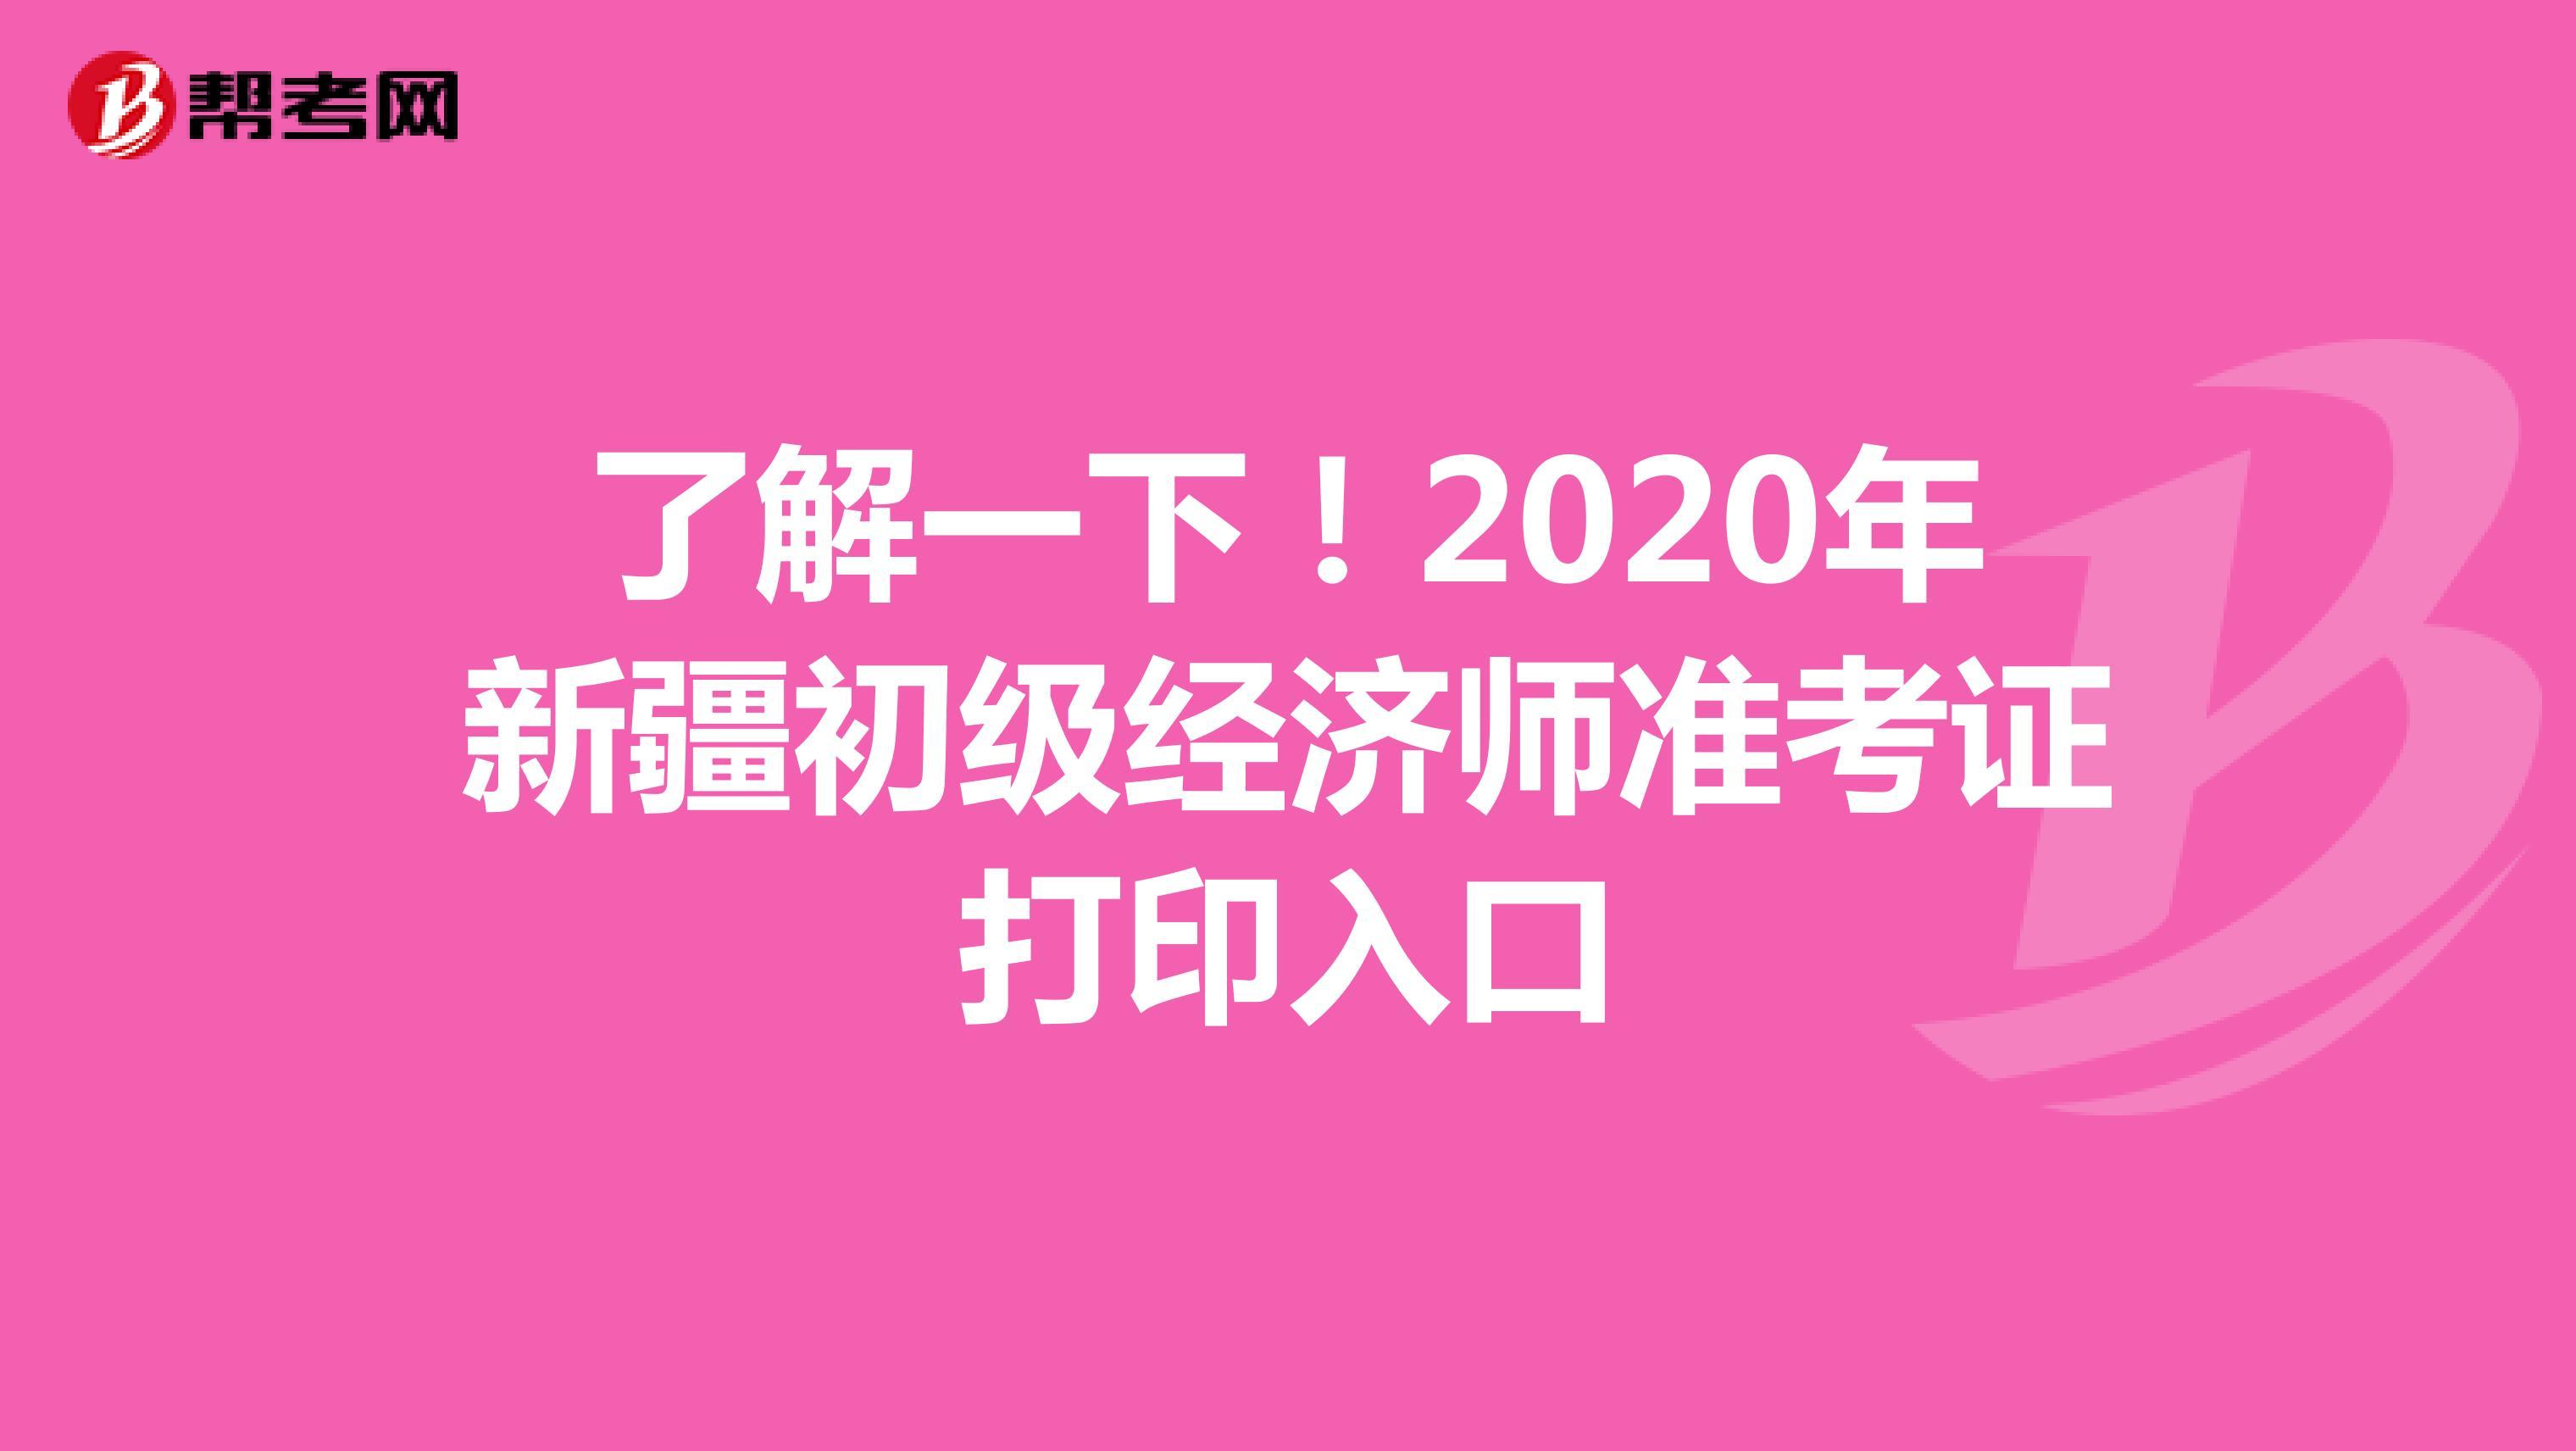 了解一下!2020年新疆初级经济师准考证打印入口